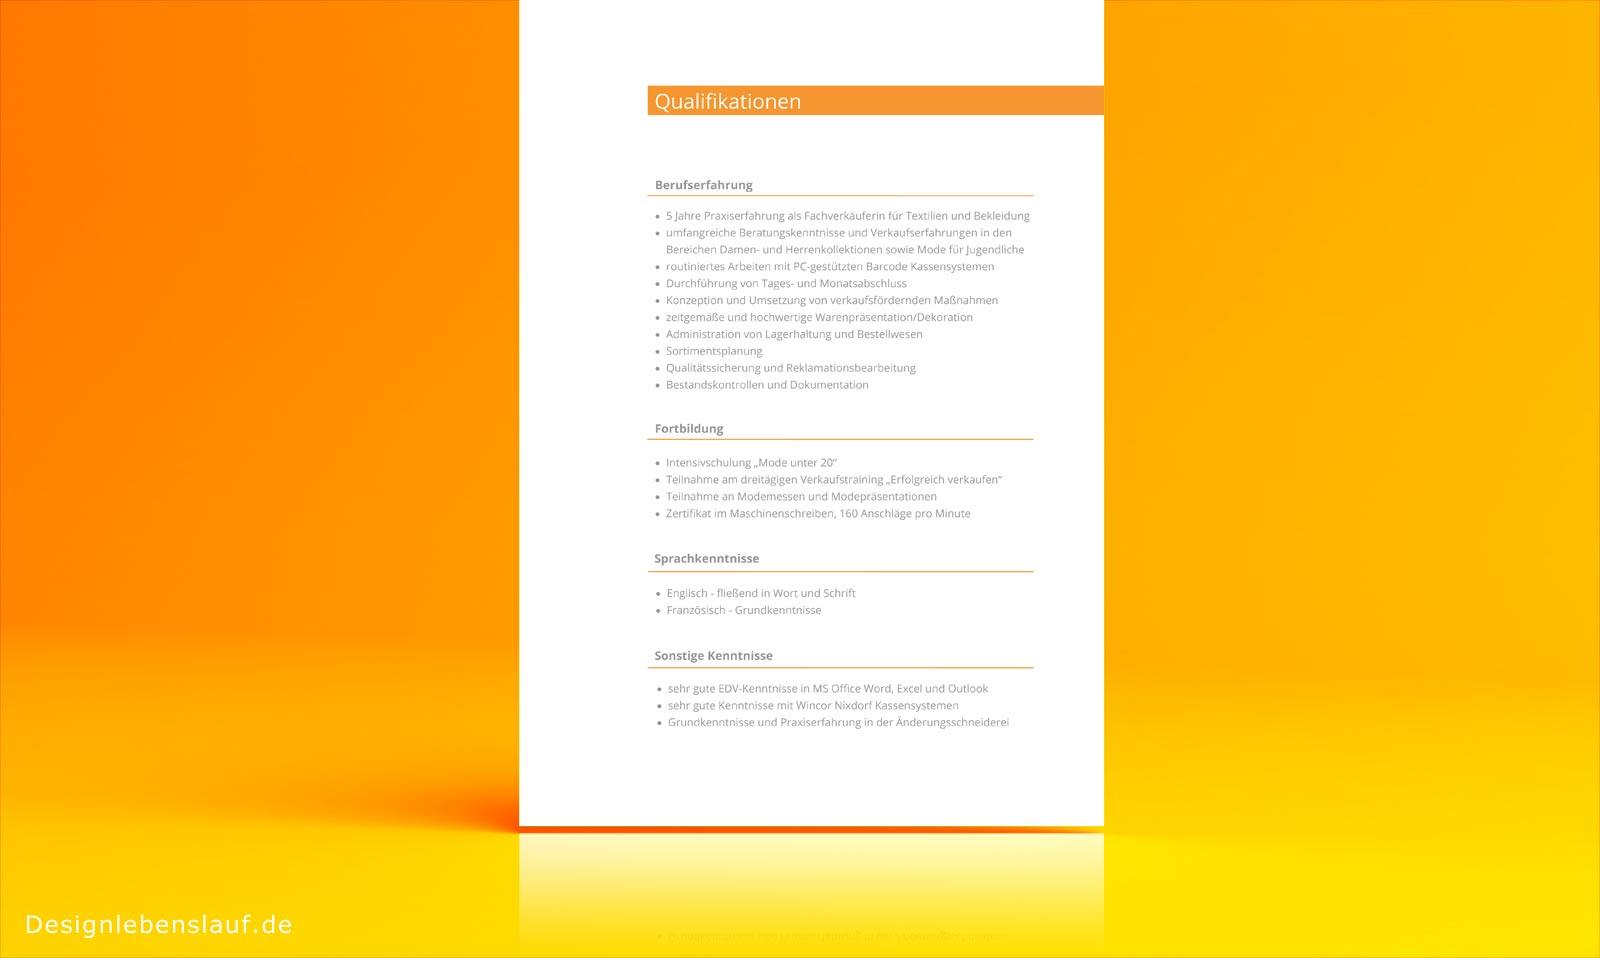 bewerbung schreiben vorlagen schuelerpraktikum bewerbung muster lebenslauf schulbildung kompetenzprofil vorlage - Kompetenzprofil Bewerbung